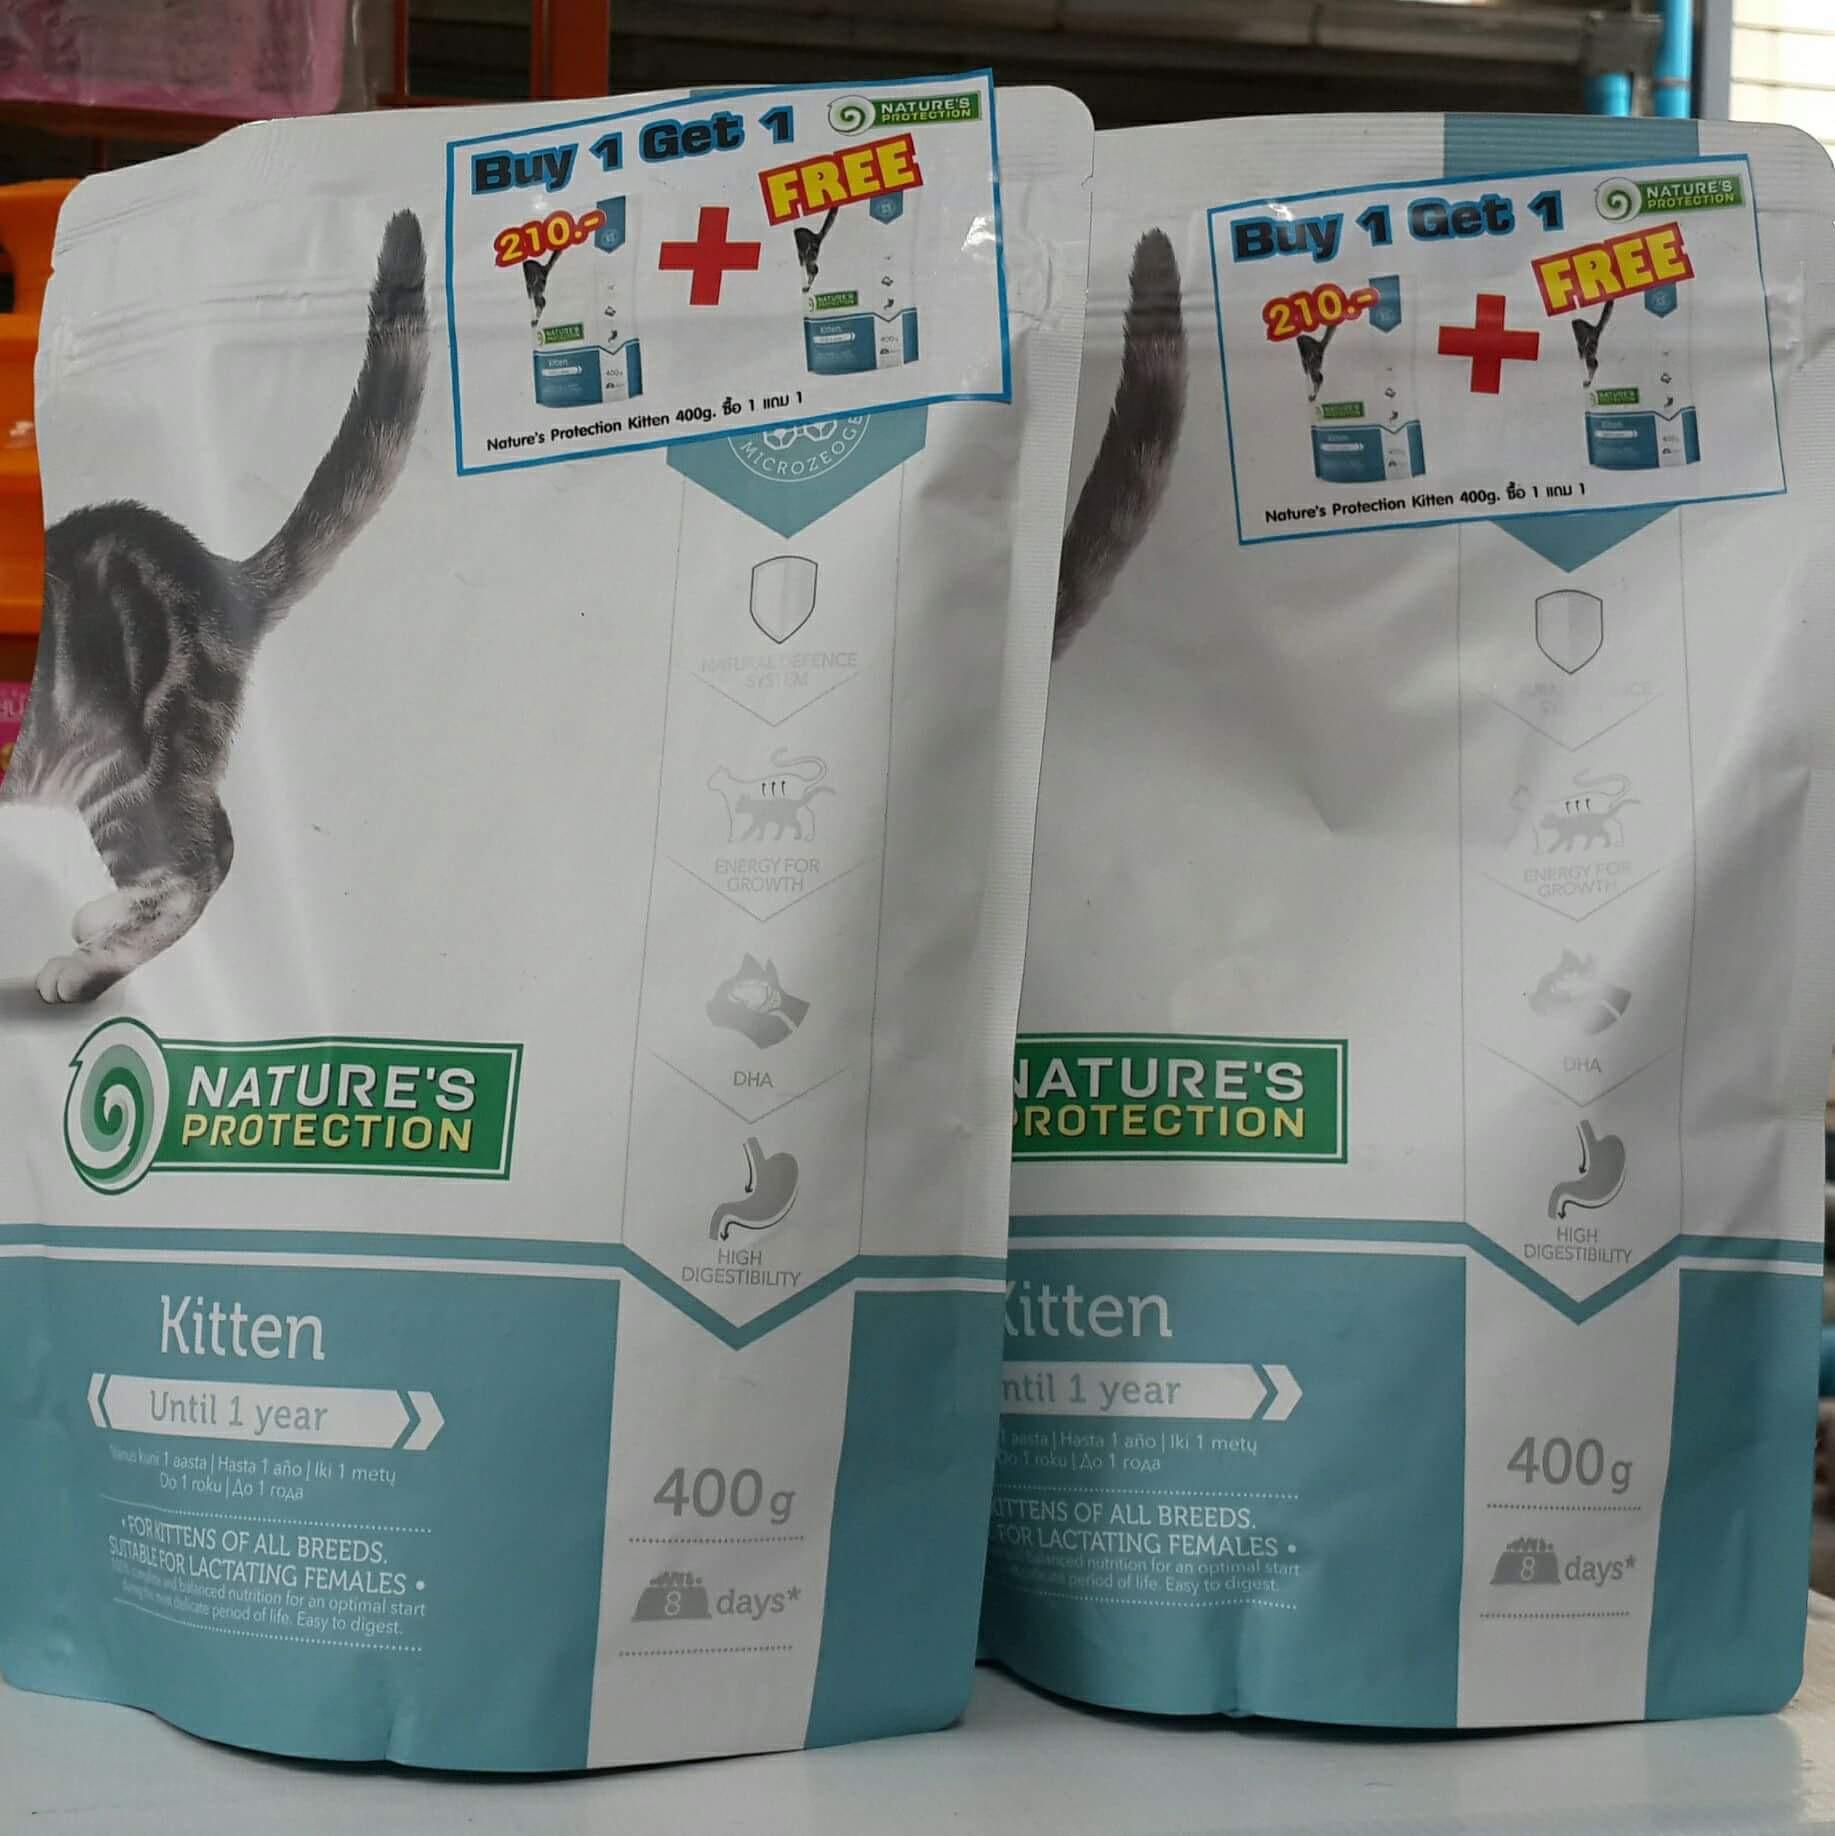 Nature's Protection สูตรลูกแมว 400กรัม สองถุง 260รวมส่ง